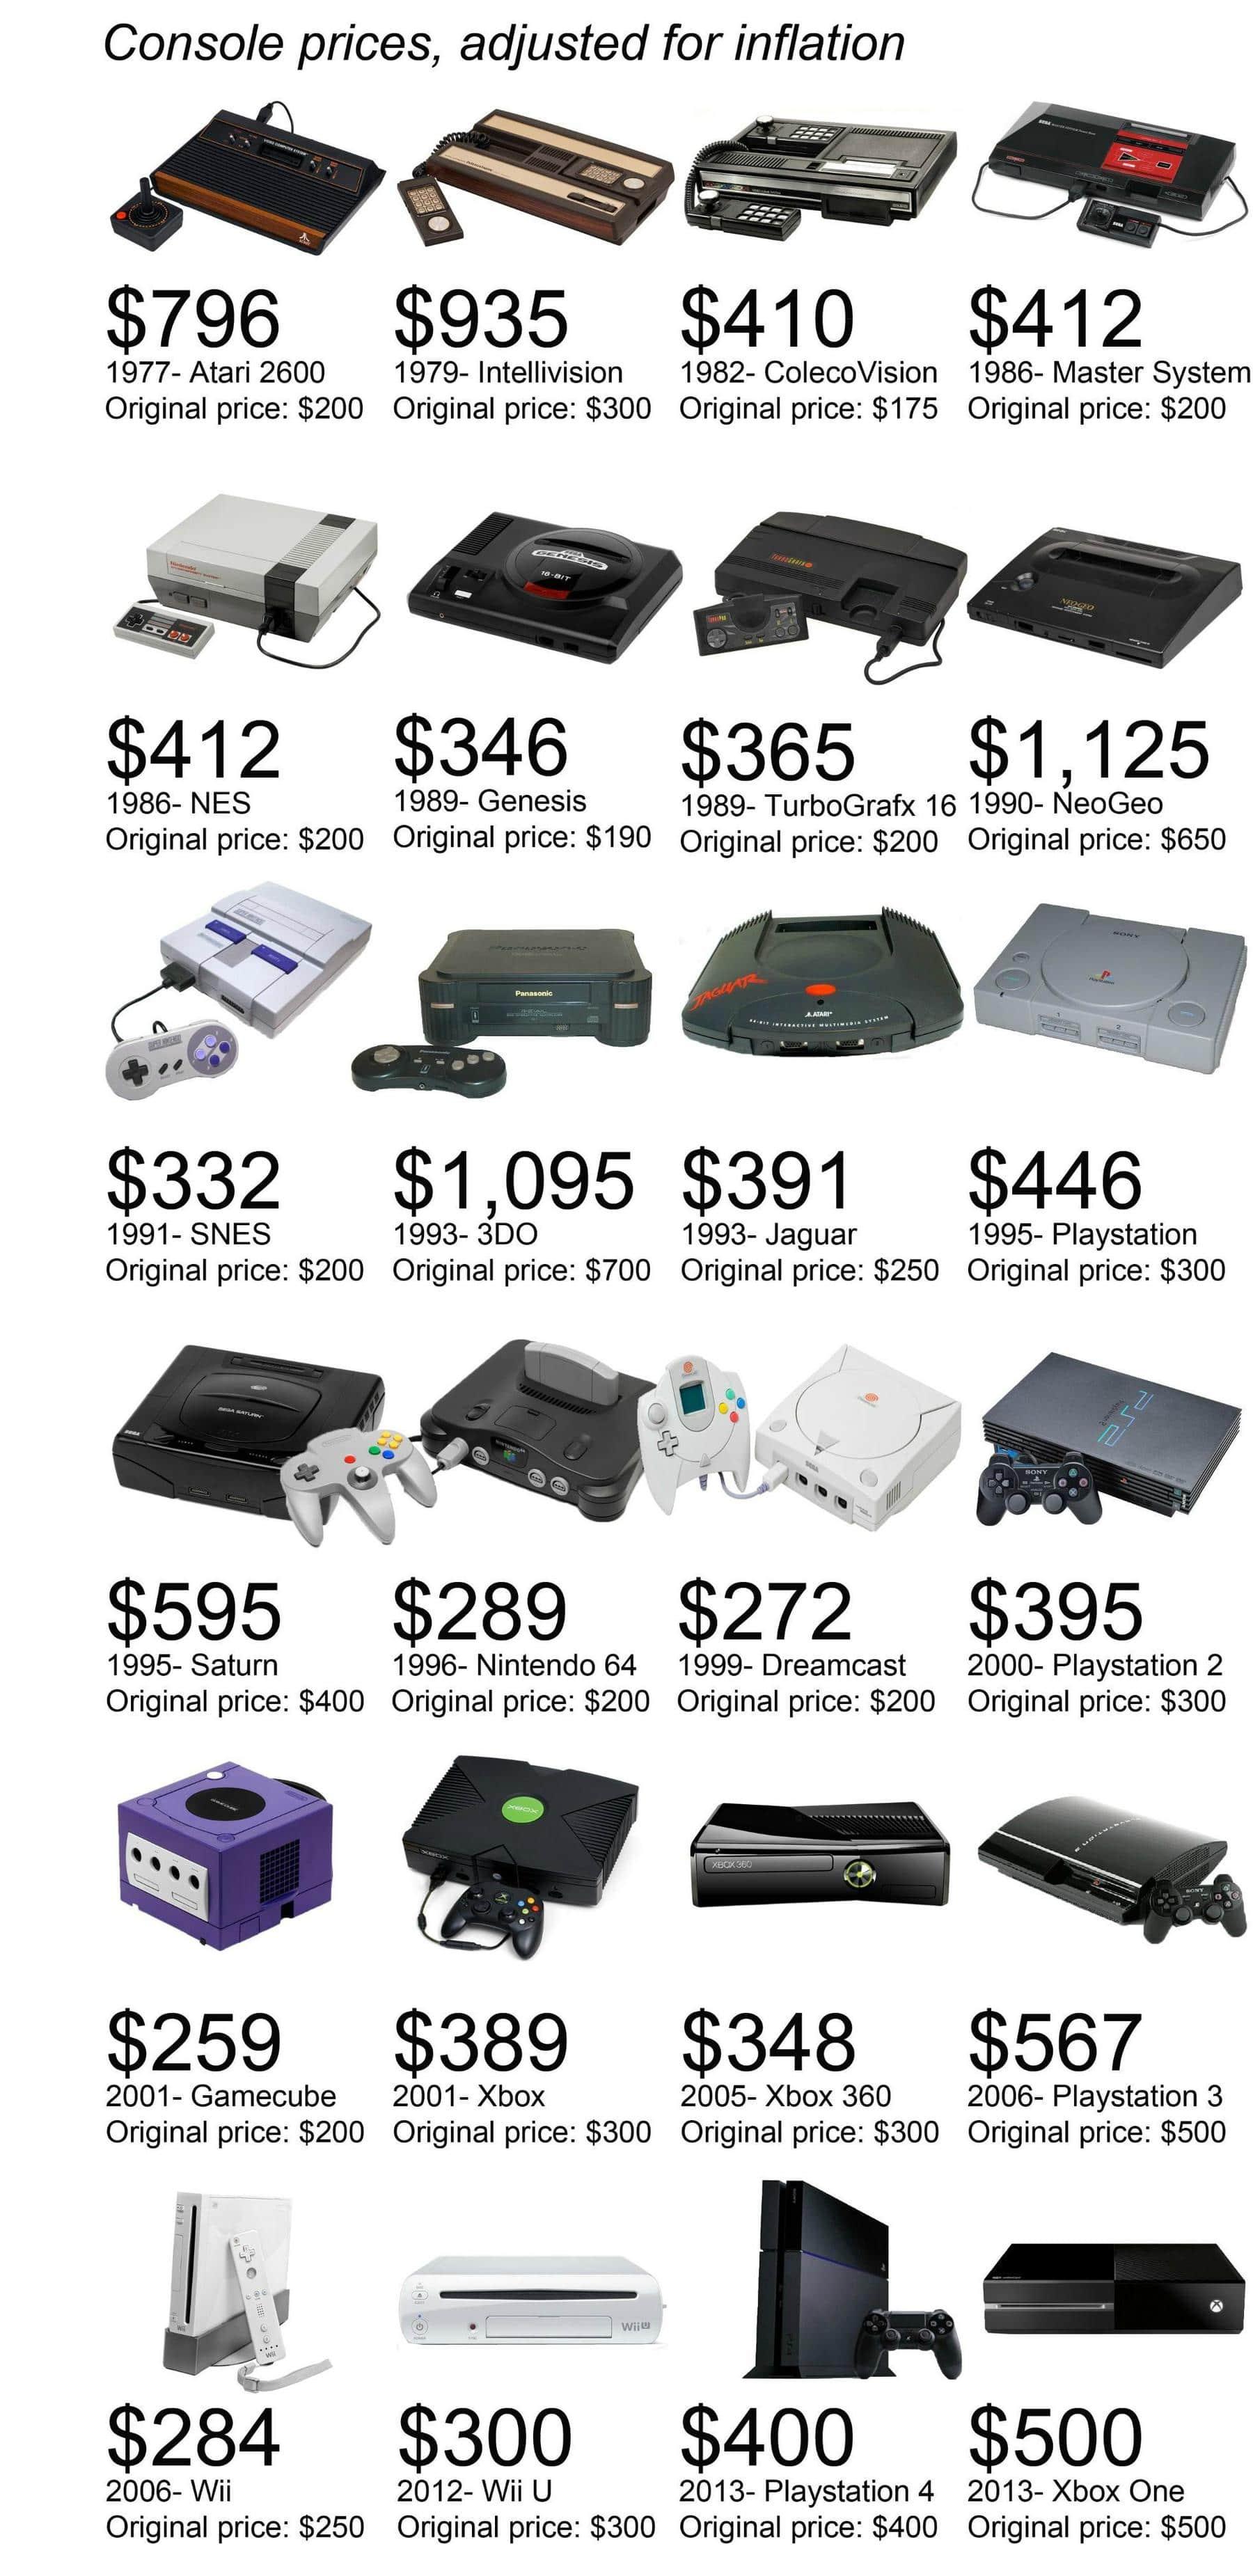 infographie-prix-consoles